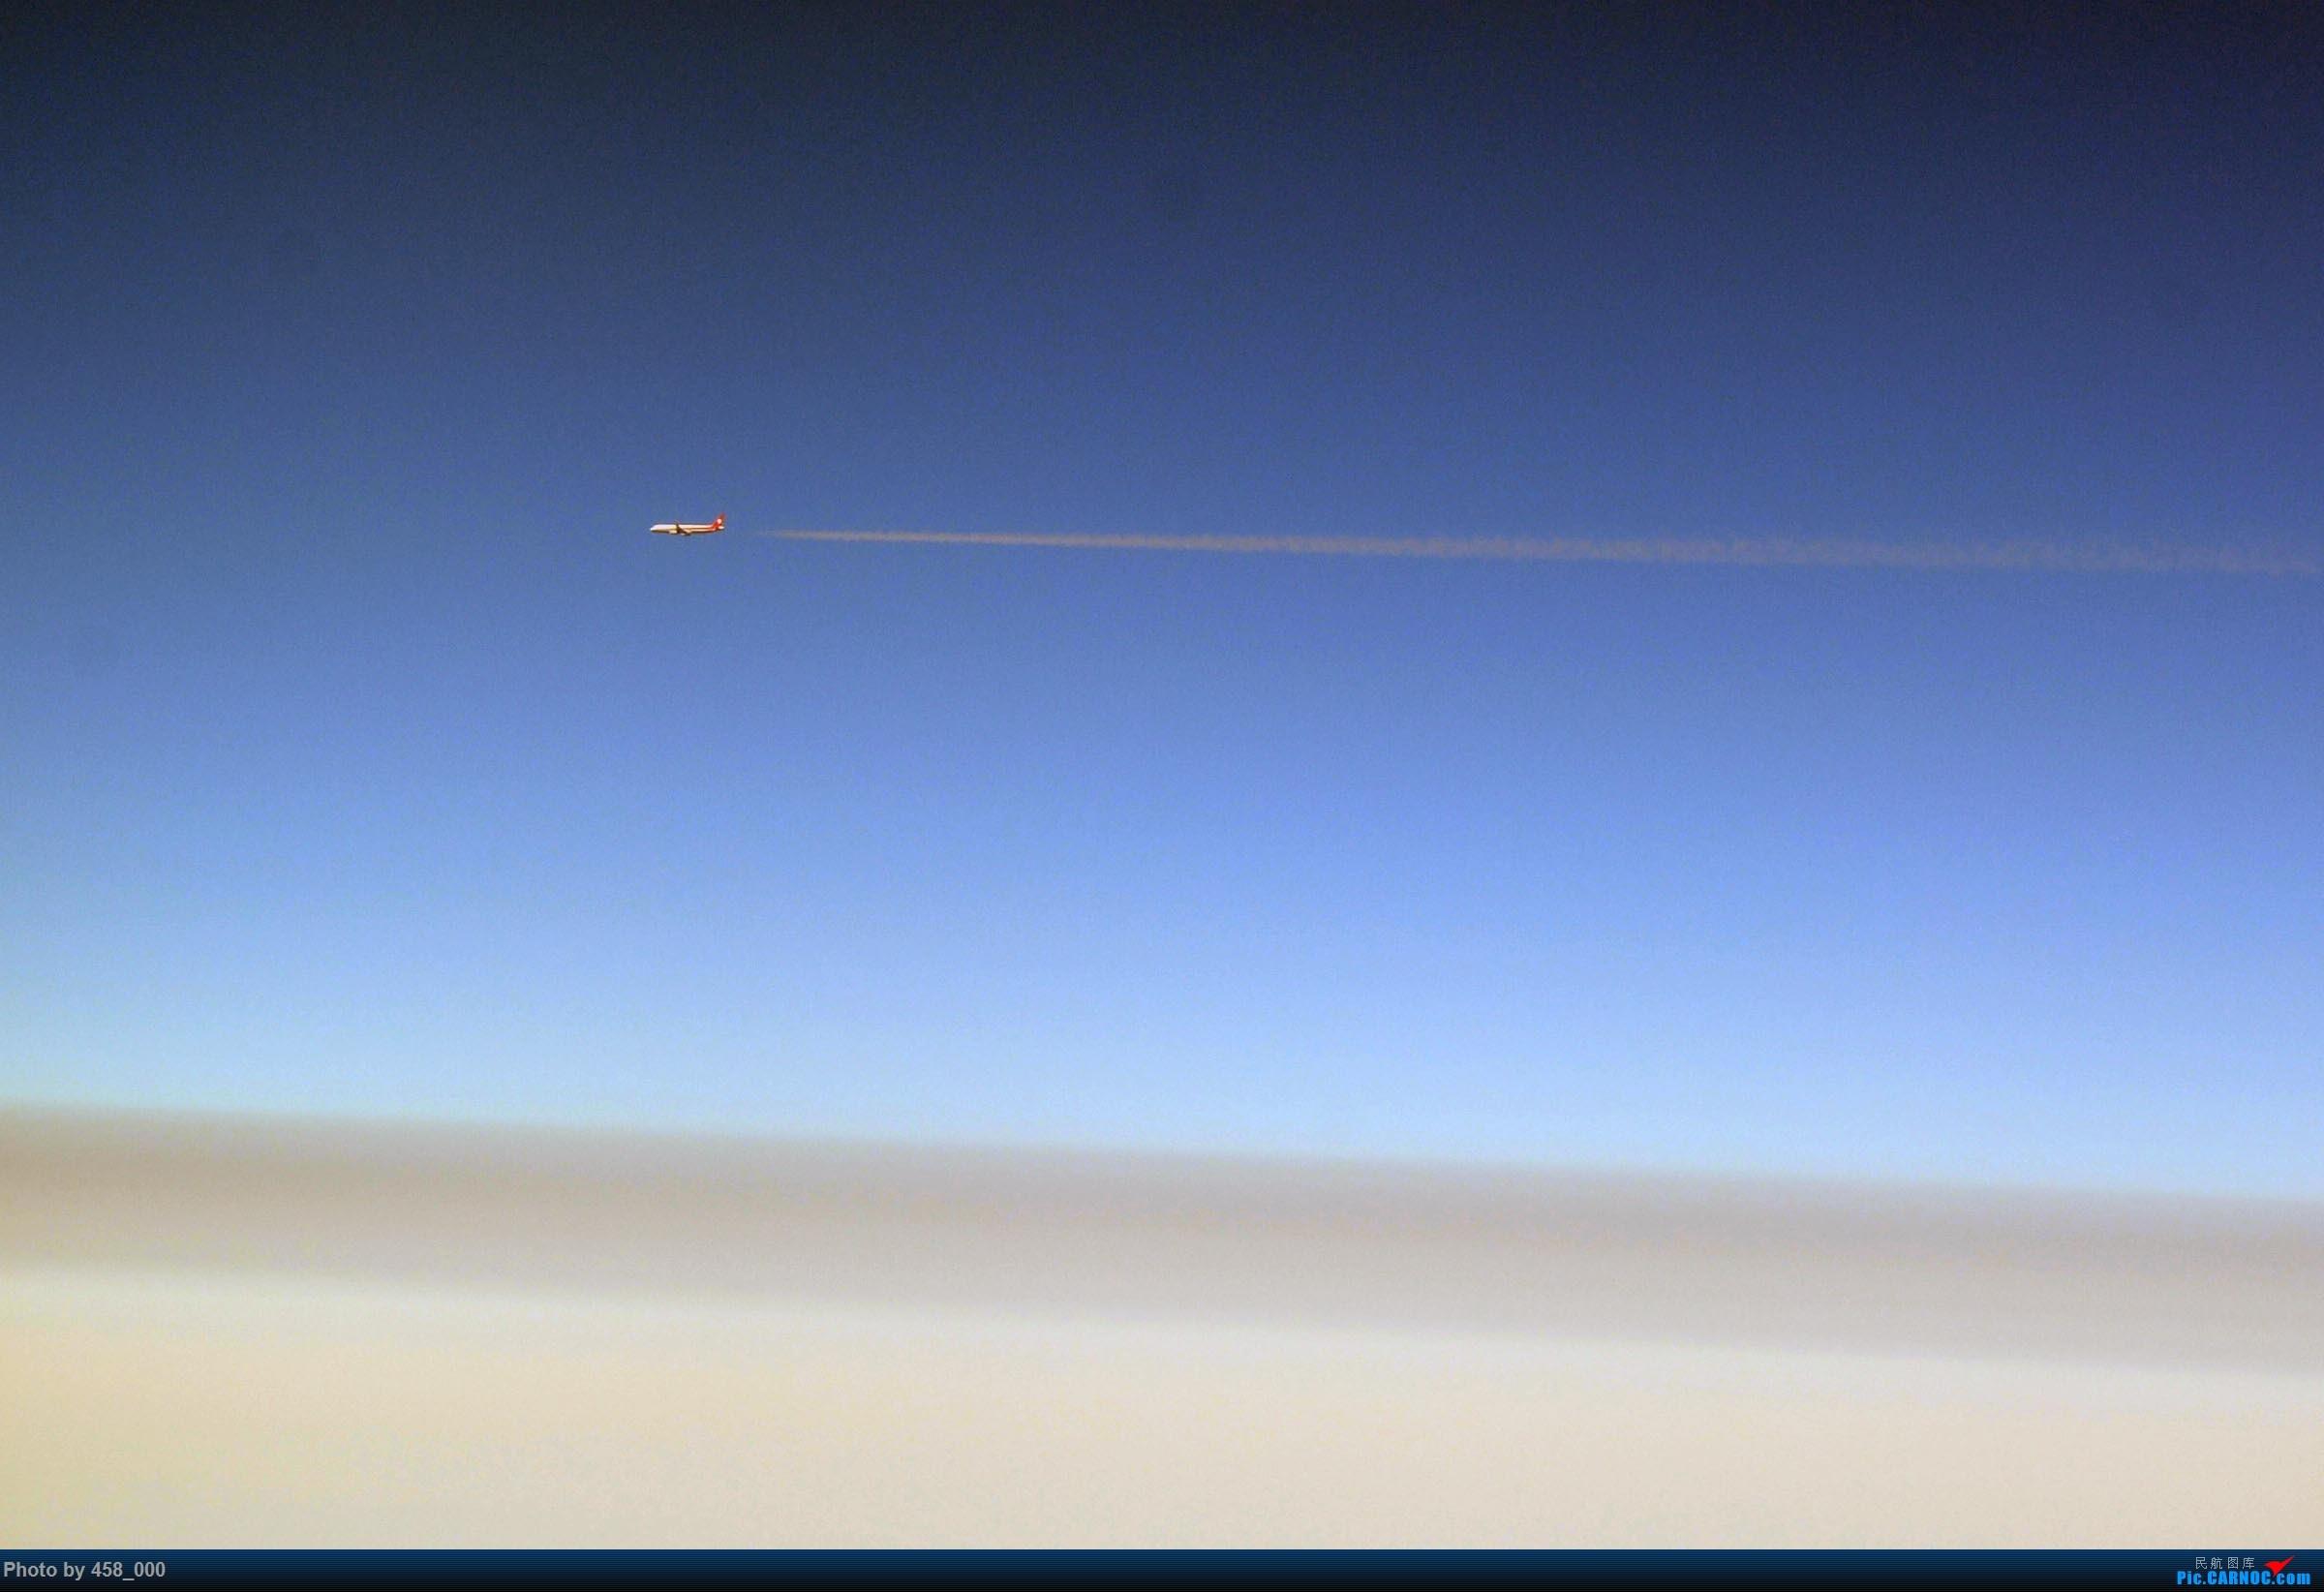 应该是上航的飞机,秦皇岛-上海